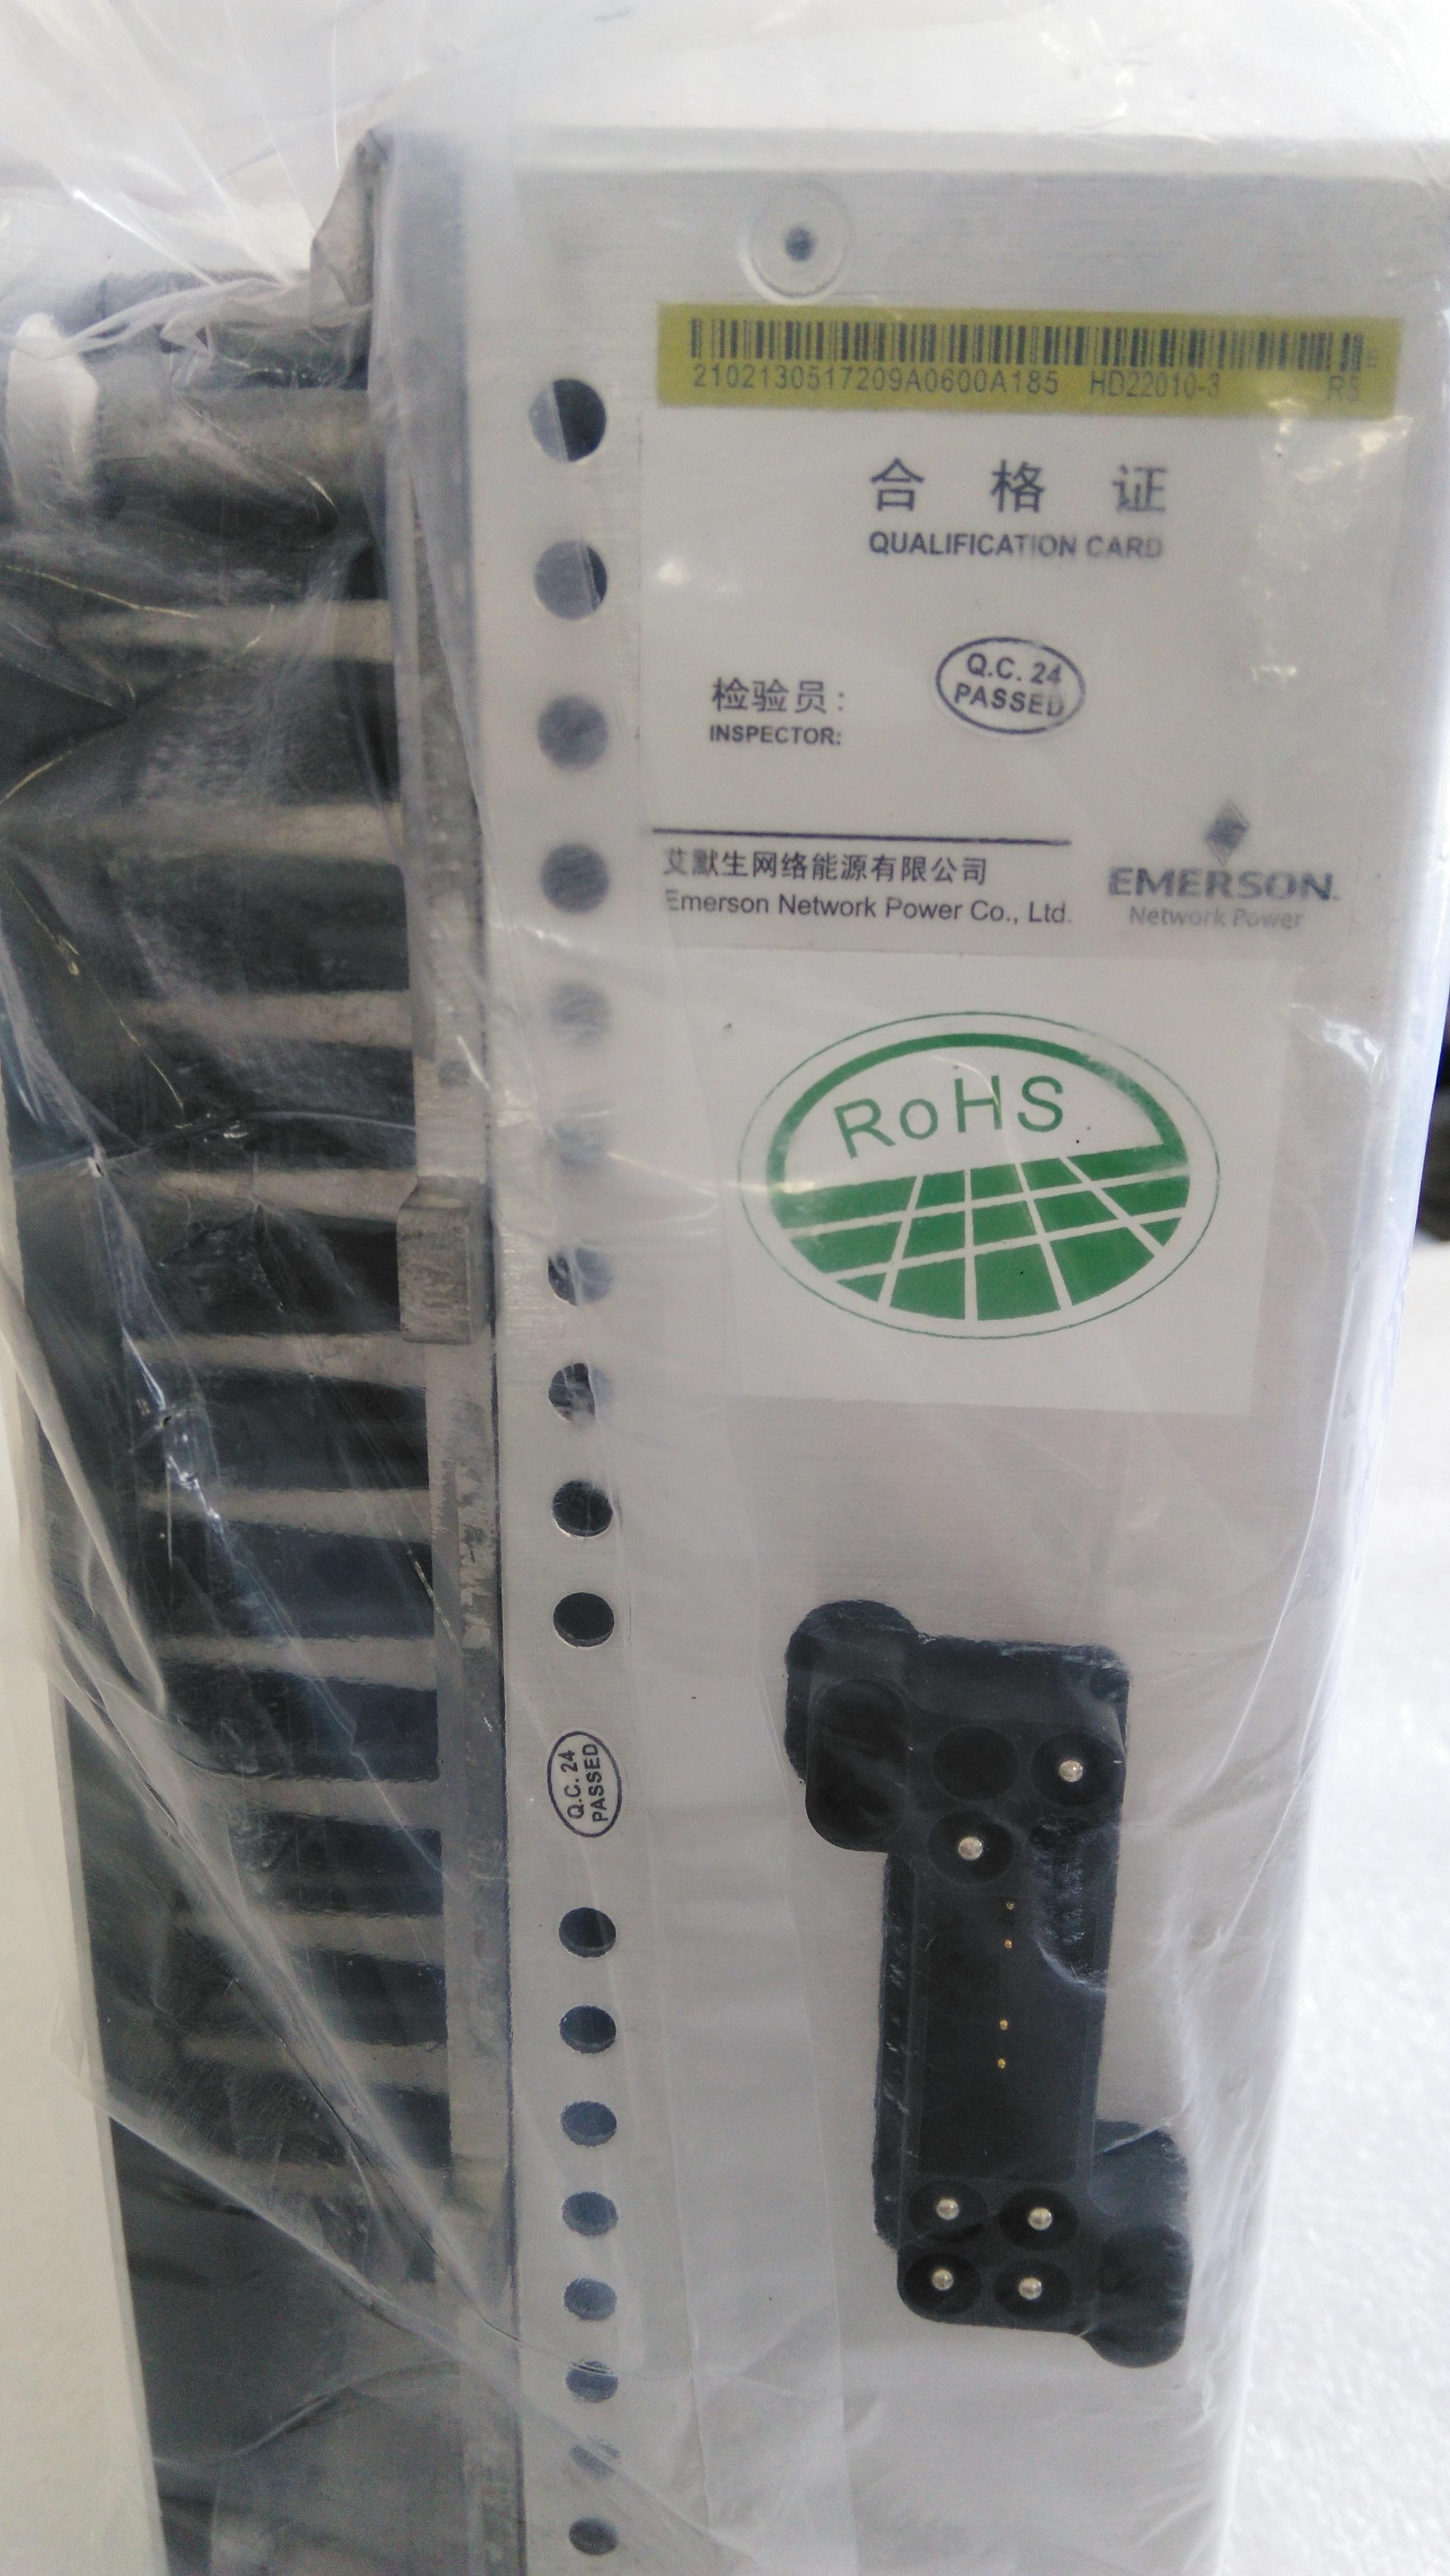 egyenáramú (dc) képernyő 充电机 energiaegység HD22010-3, HD22010-3 eladási emerson.